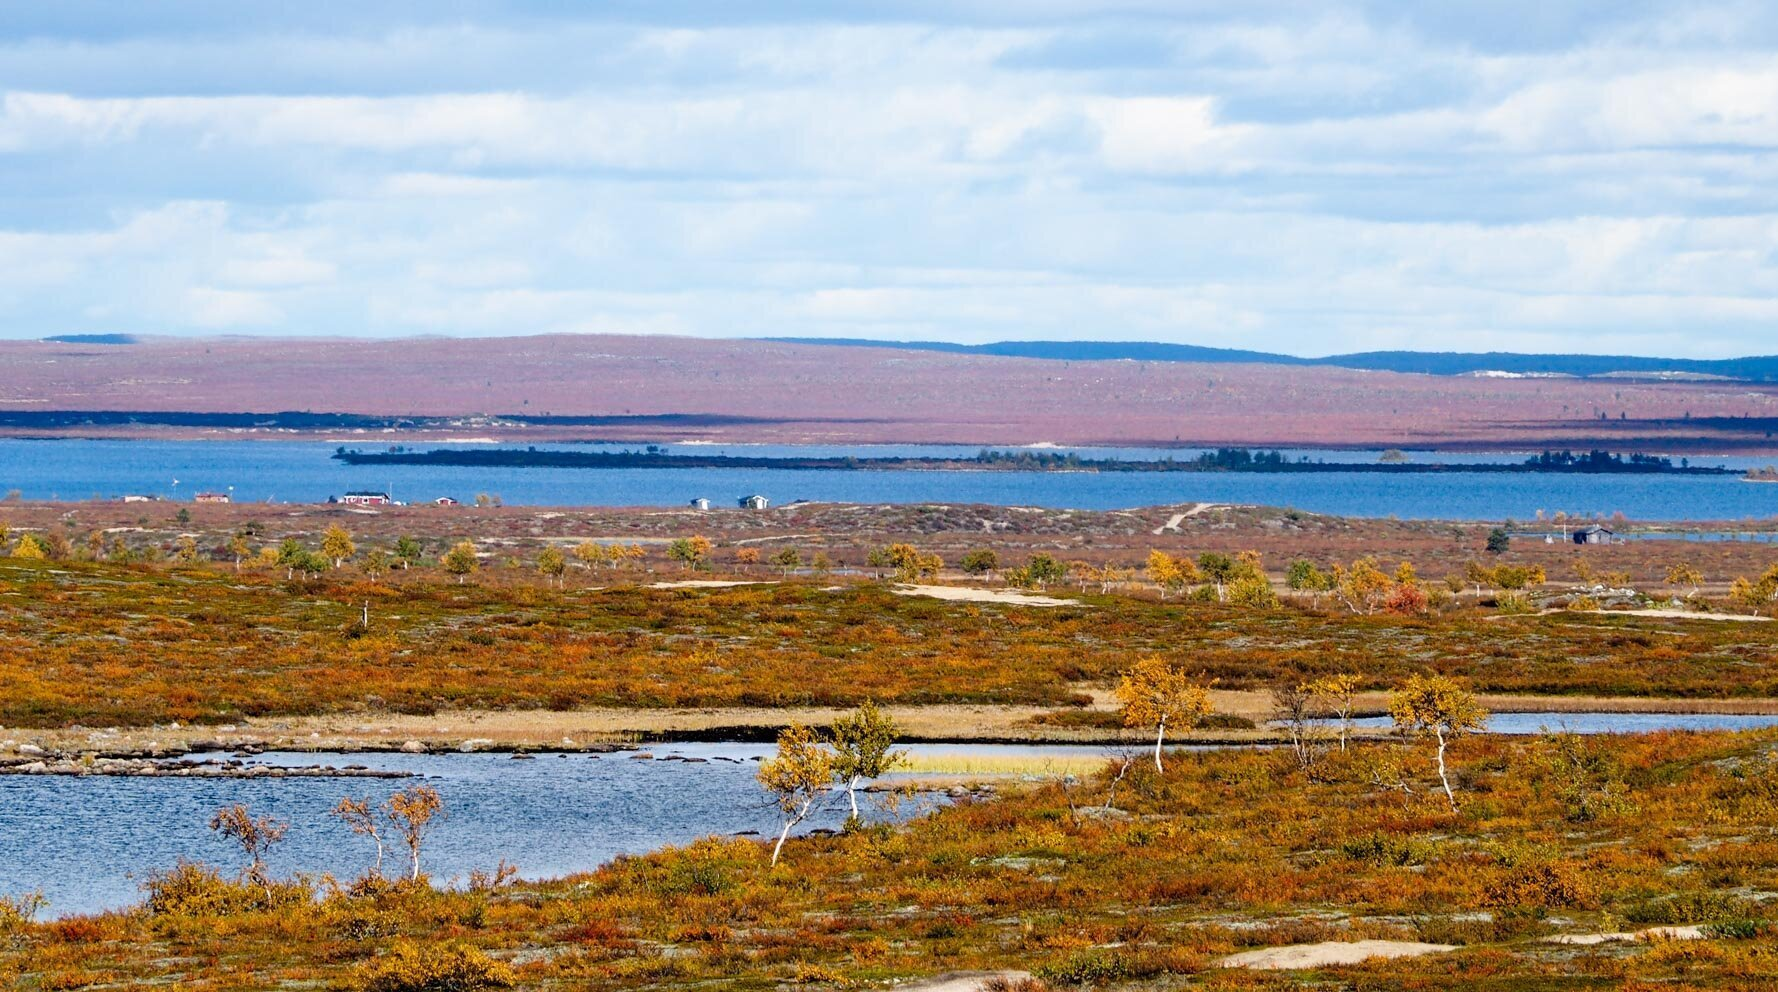 Kuvassa etualalla ruskan värjäämää varvikkoa ja kauempana siintää sininen järvi. Järven rannalla muutama pieni kesämökki.